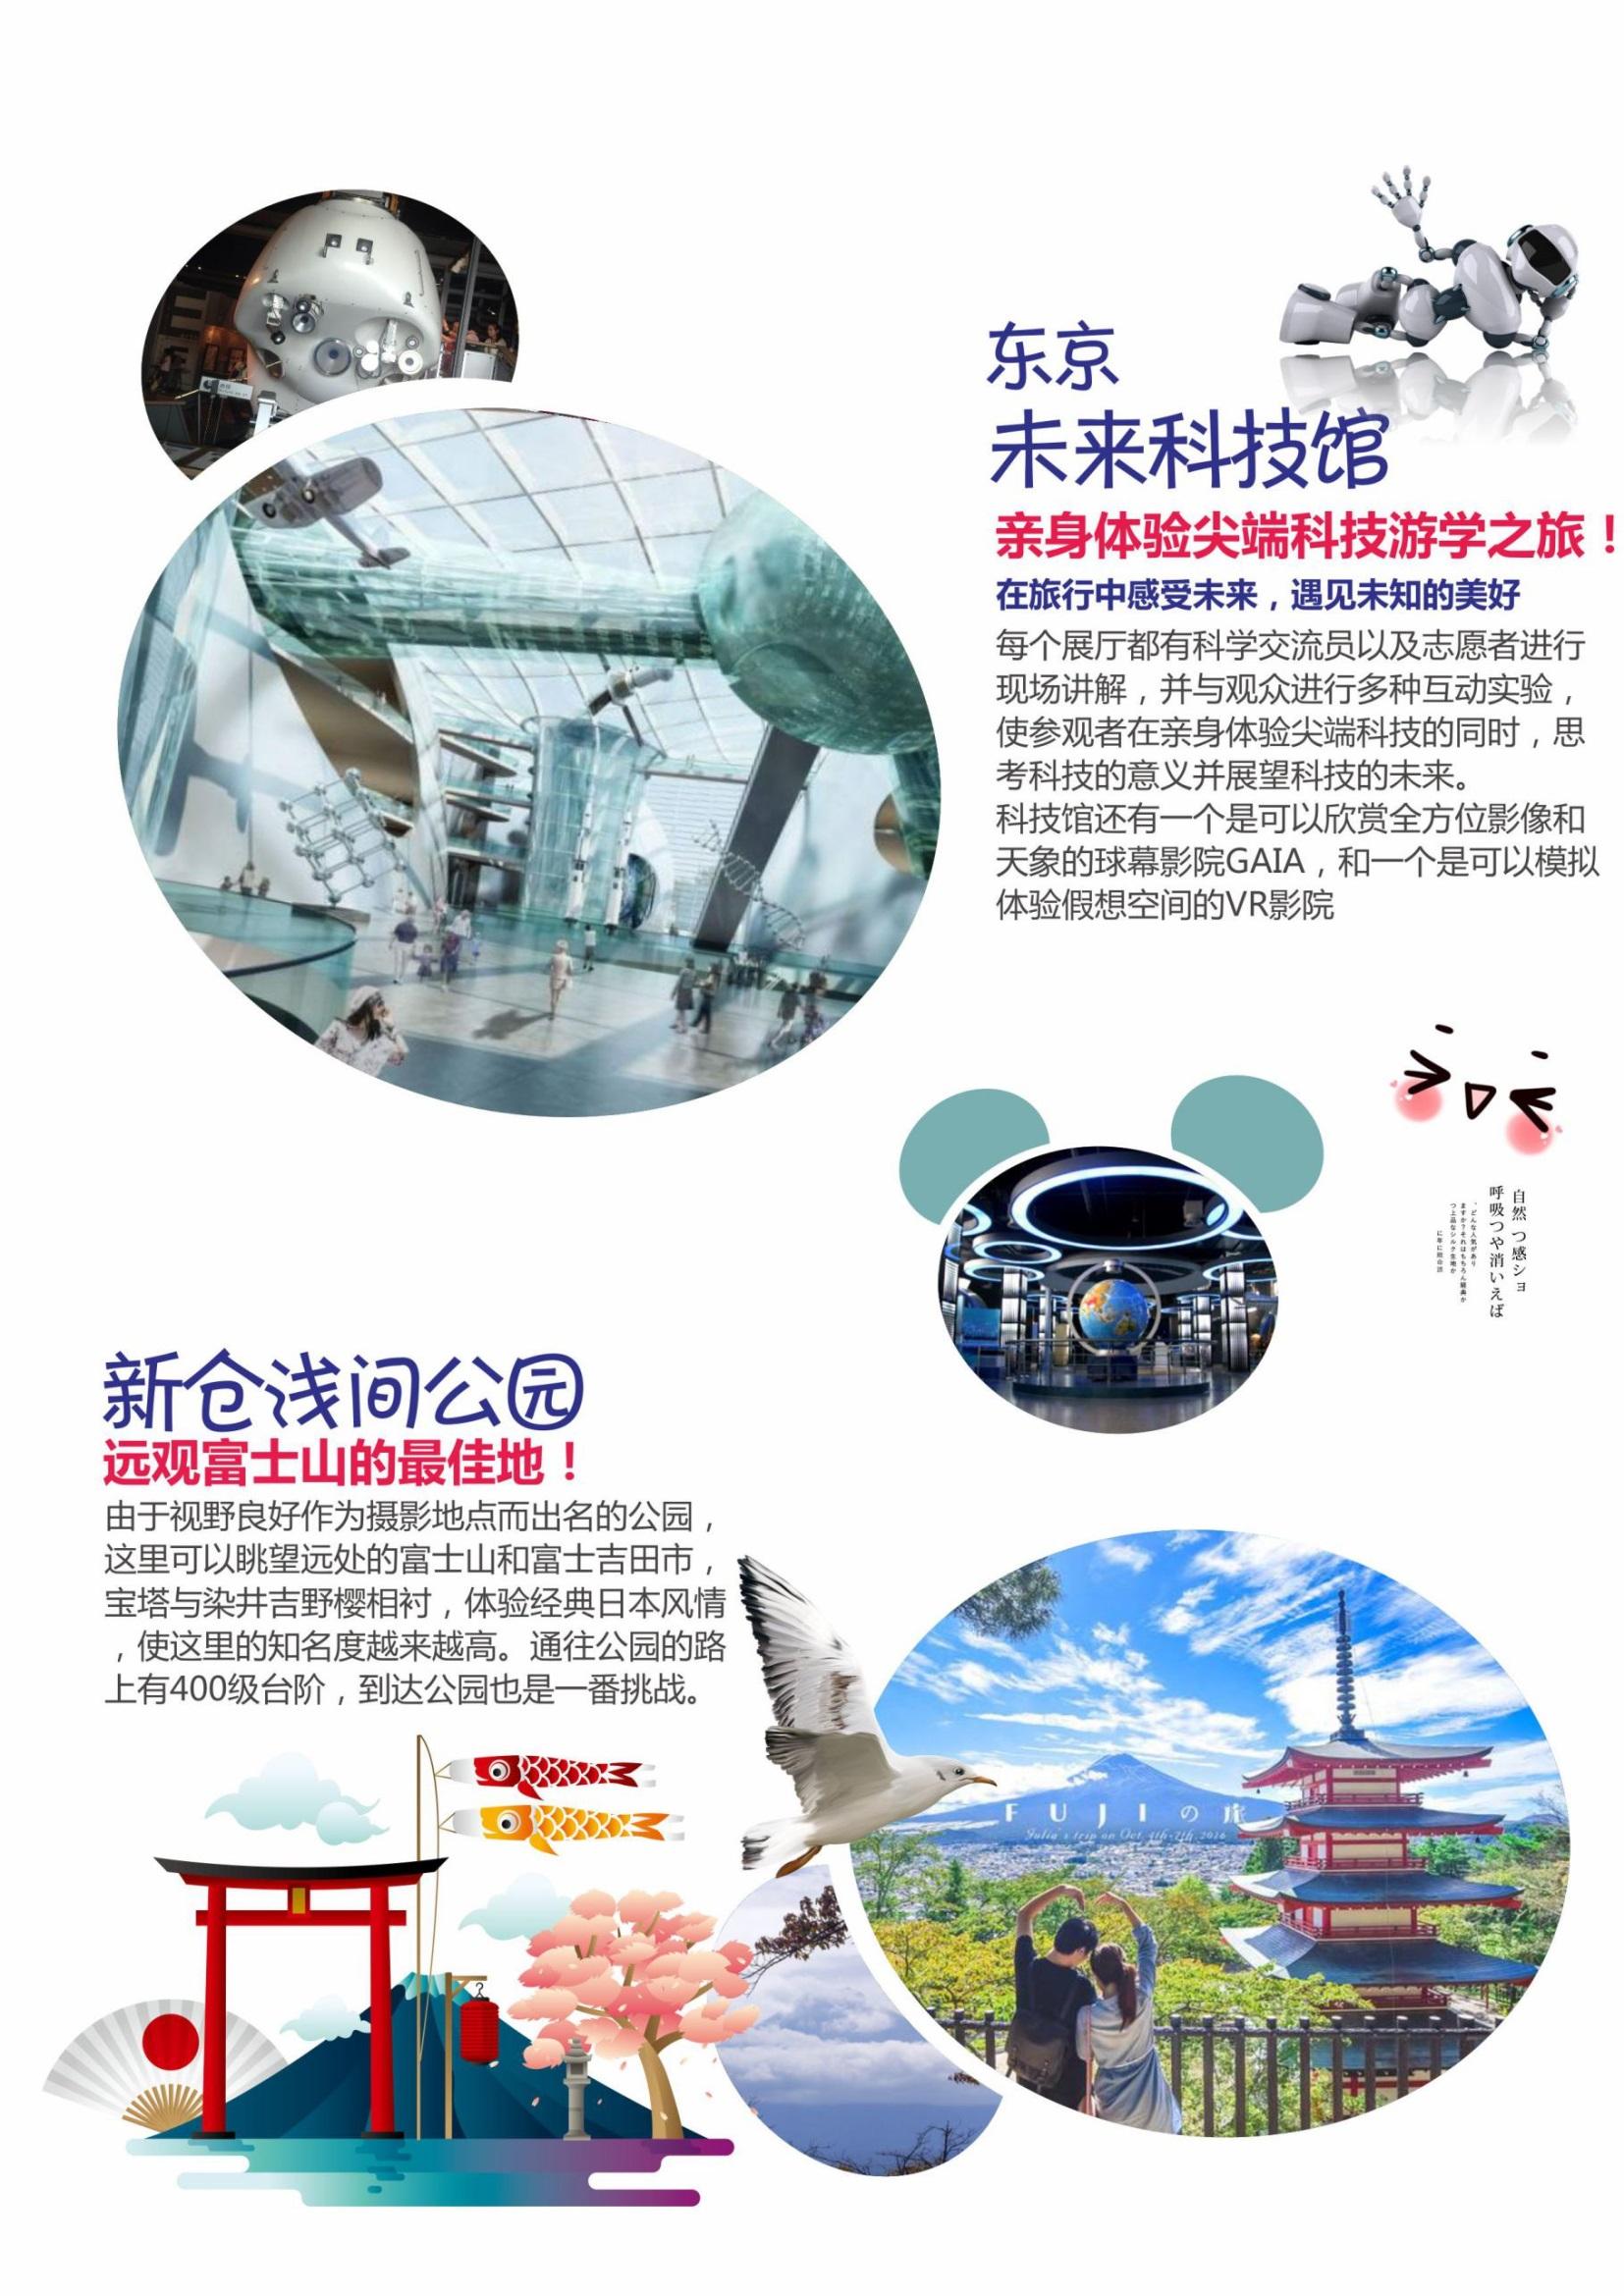 寒假双乐园 (4).jpg